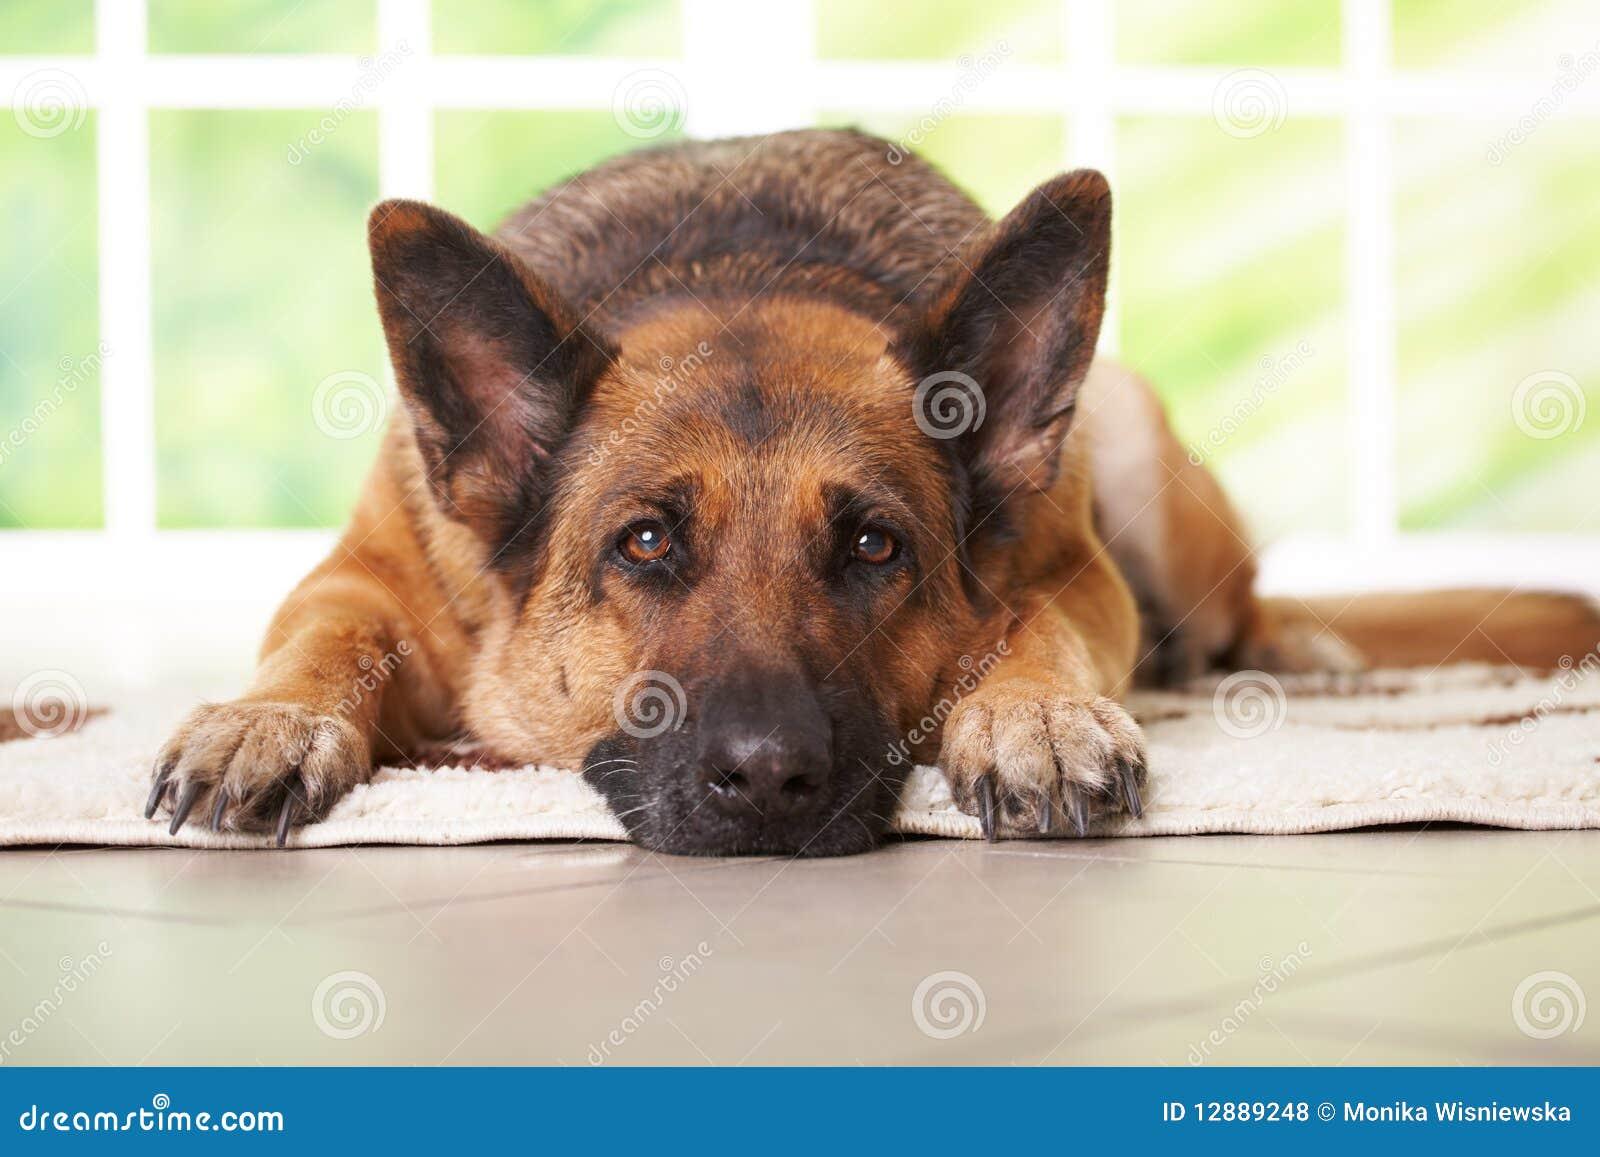 Colocación del perro de pastor alemán